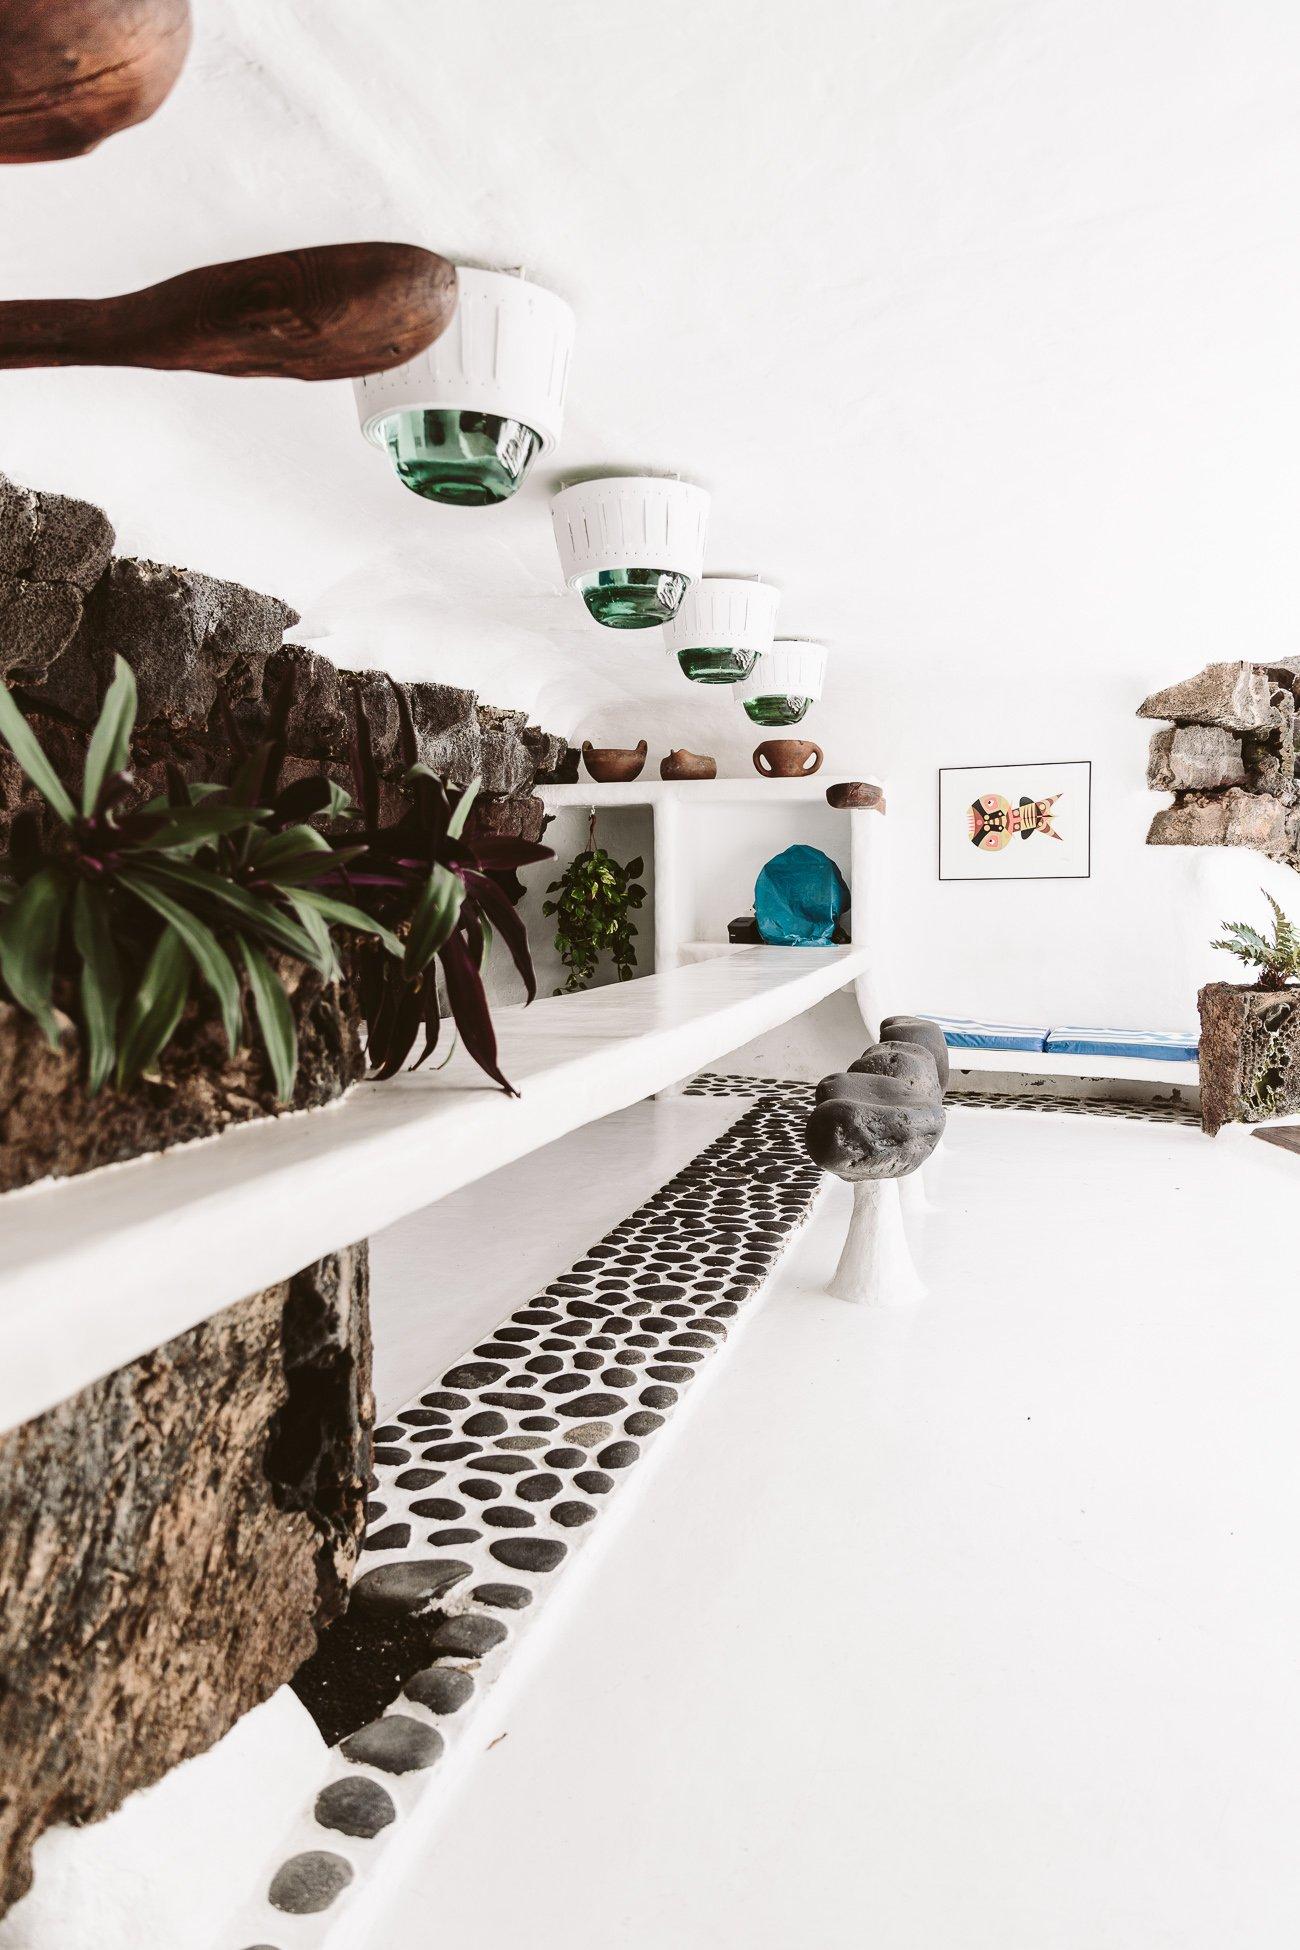 Jameos del Agua by César Manrique in Lanzarote